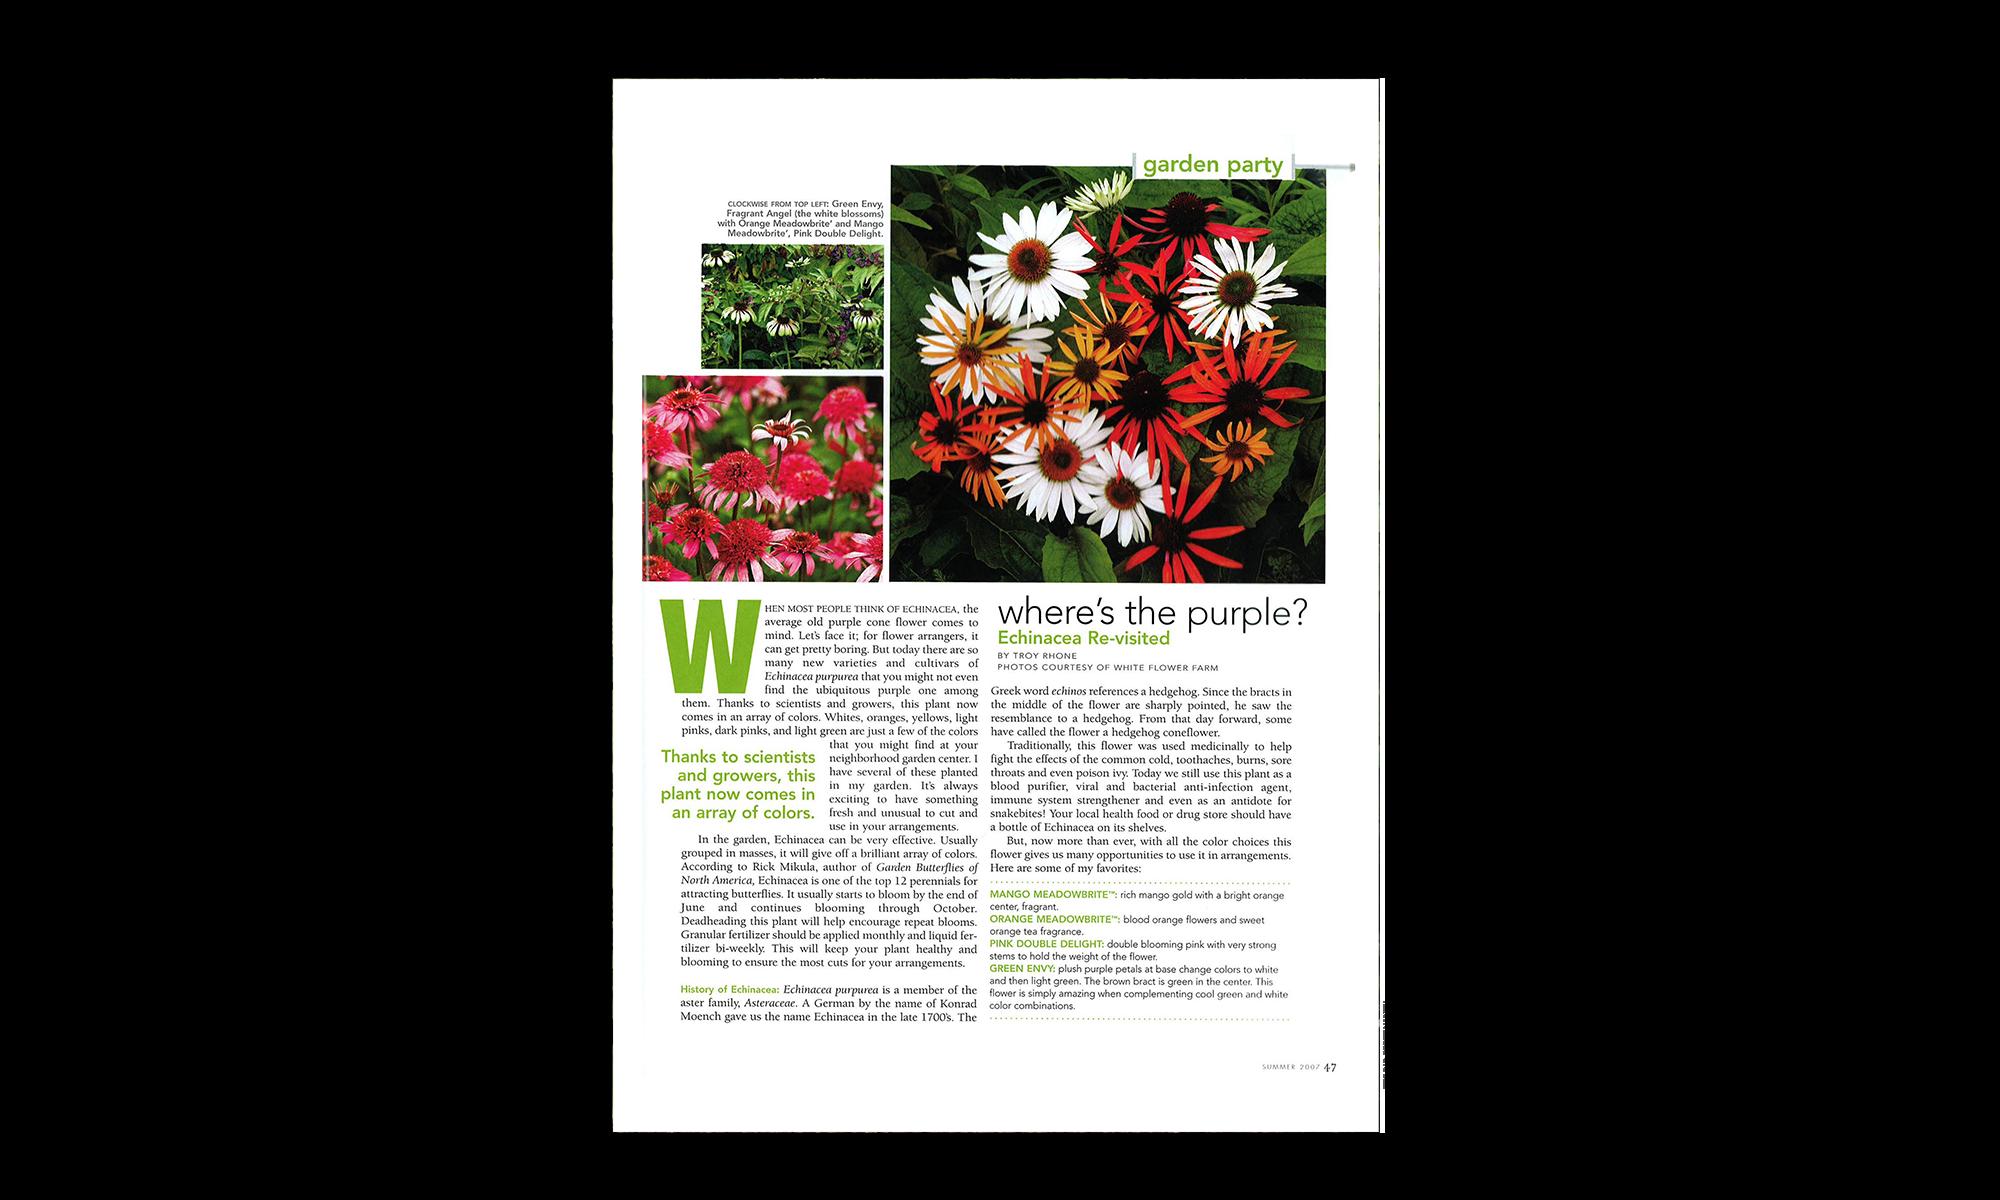 flower design and landscape